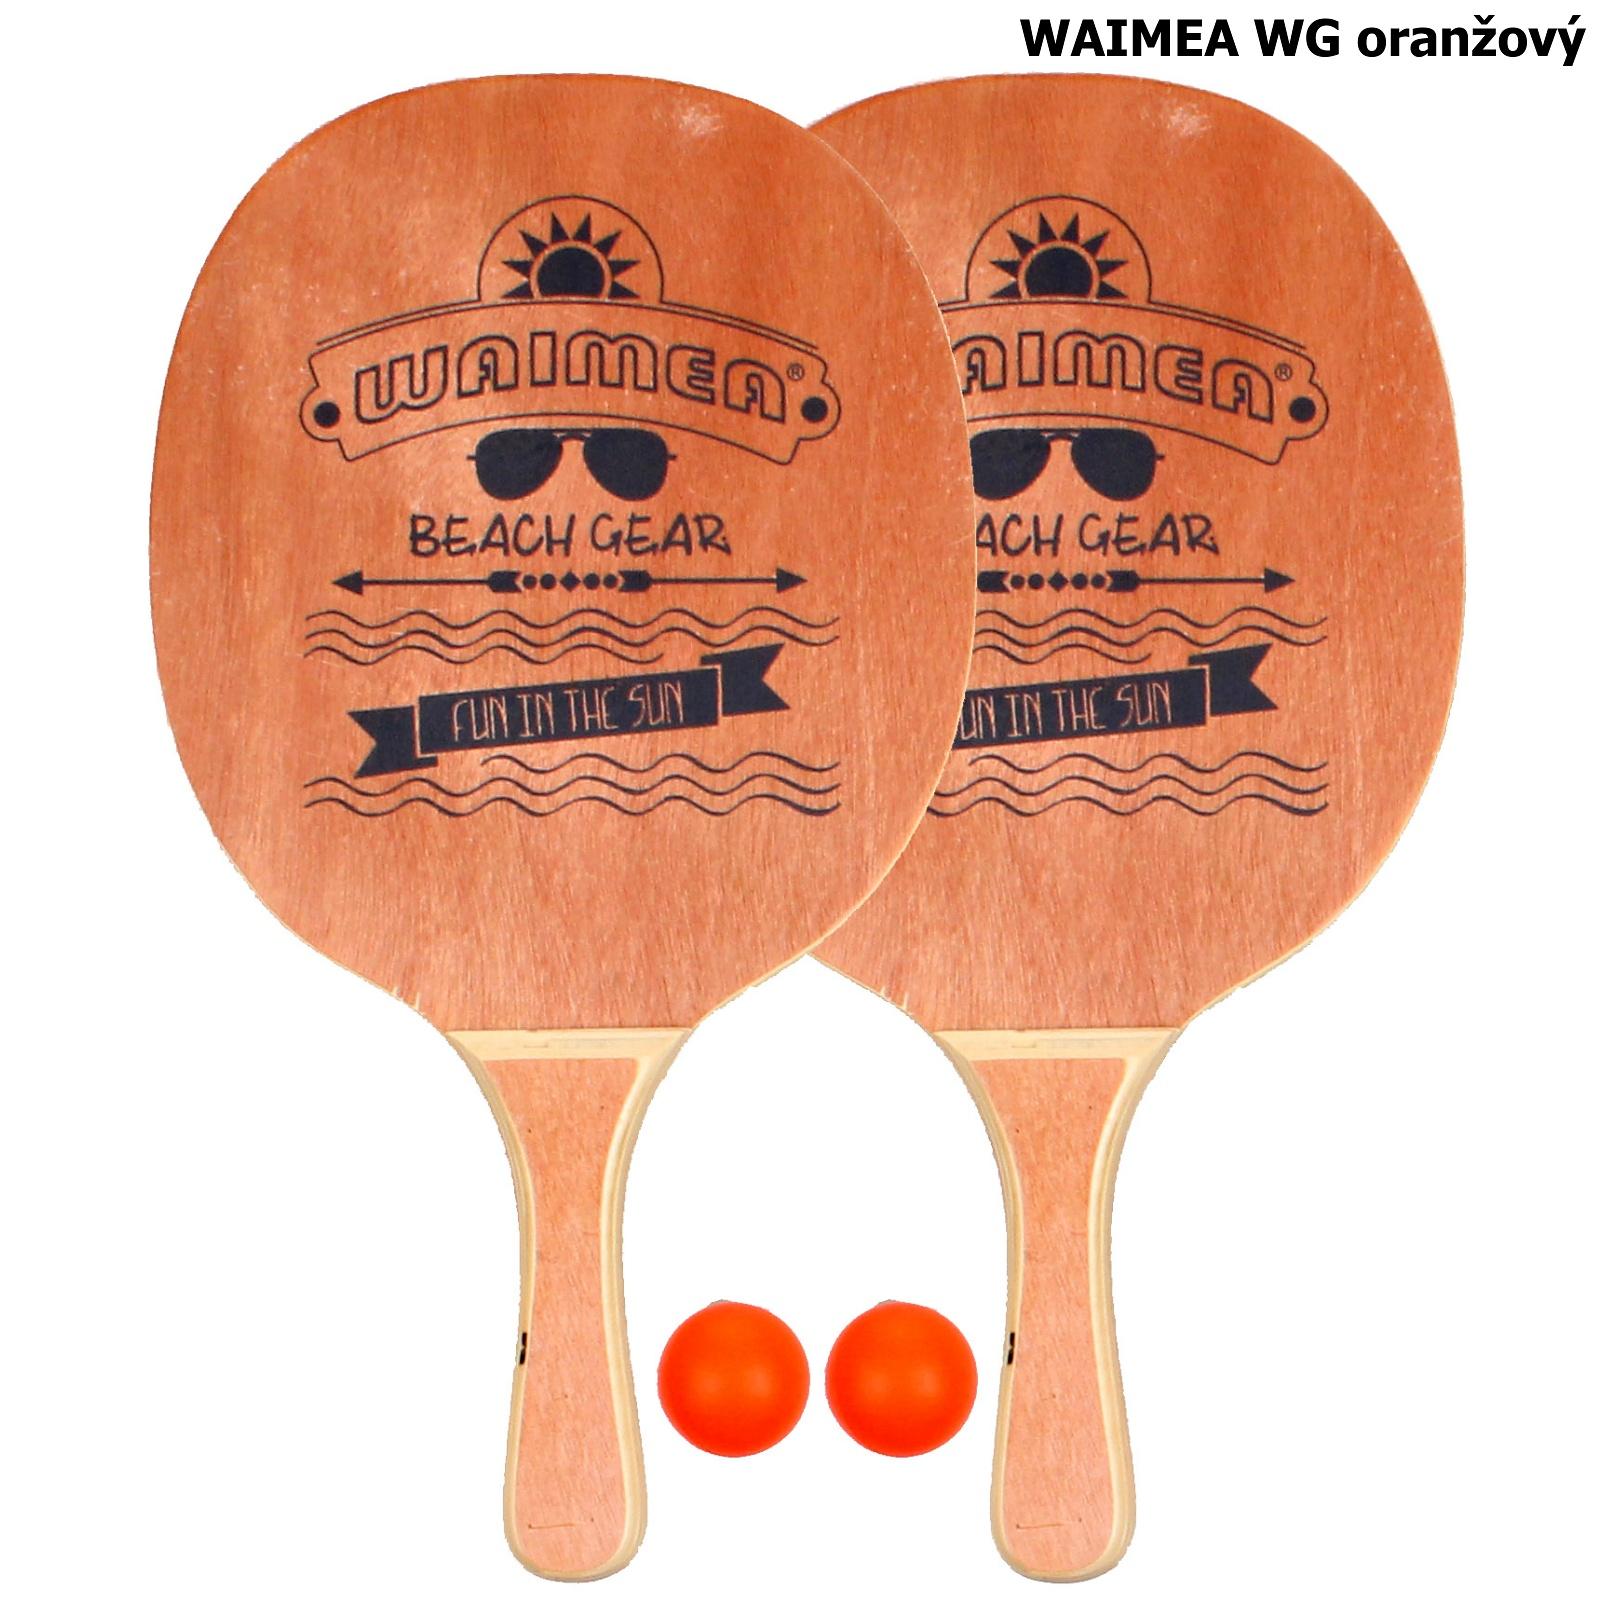 Plážový tenis WAIMEA WG - oranžový